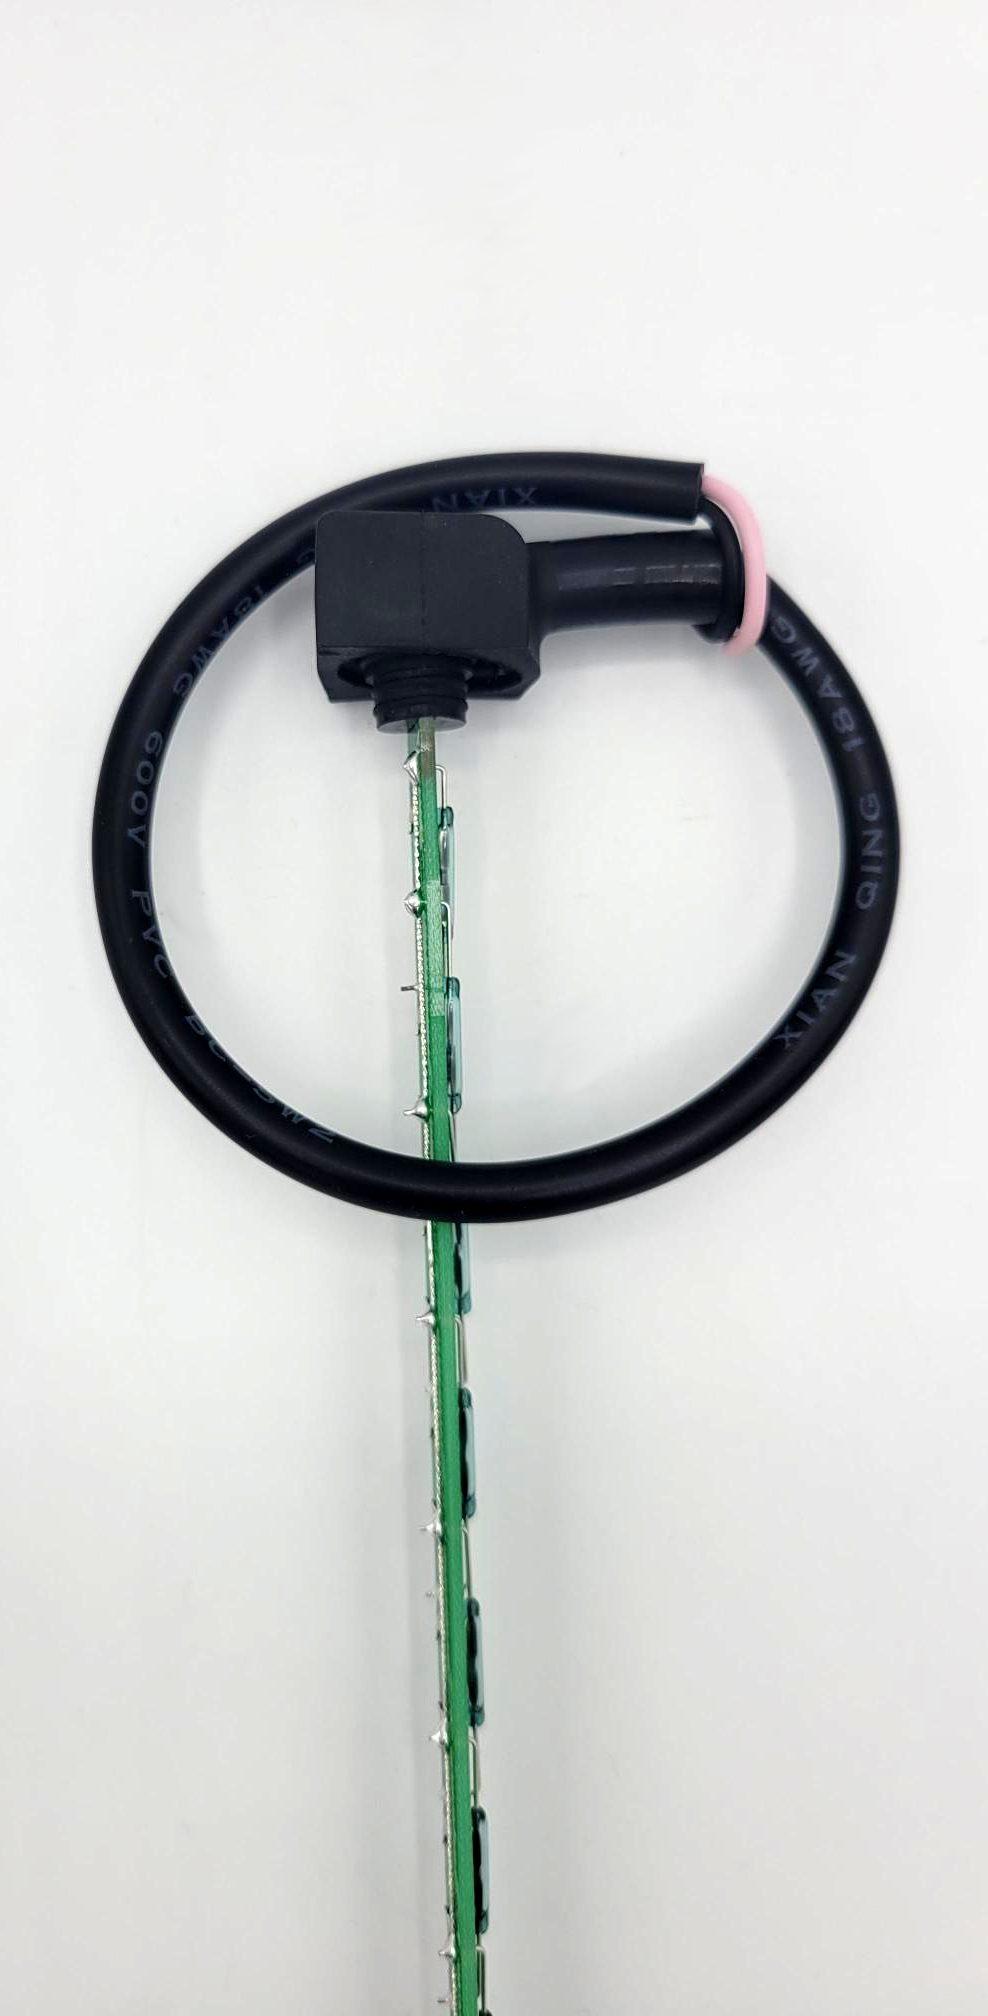 Fuel Level Sending Unit Cable